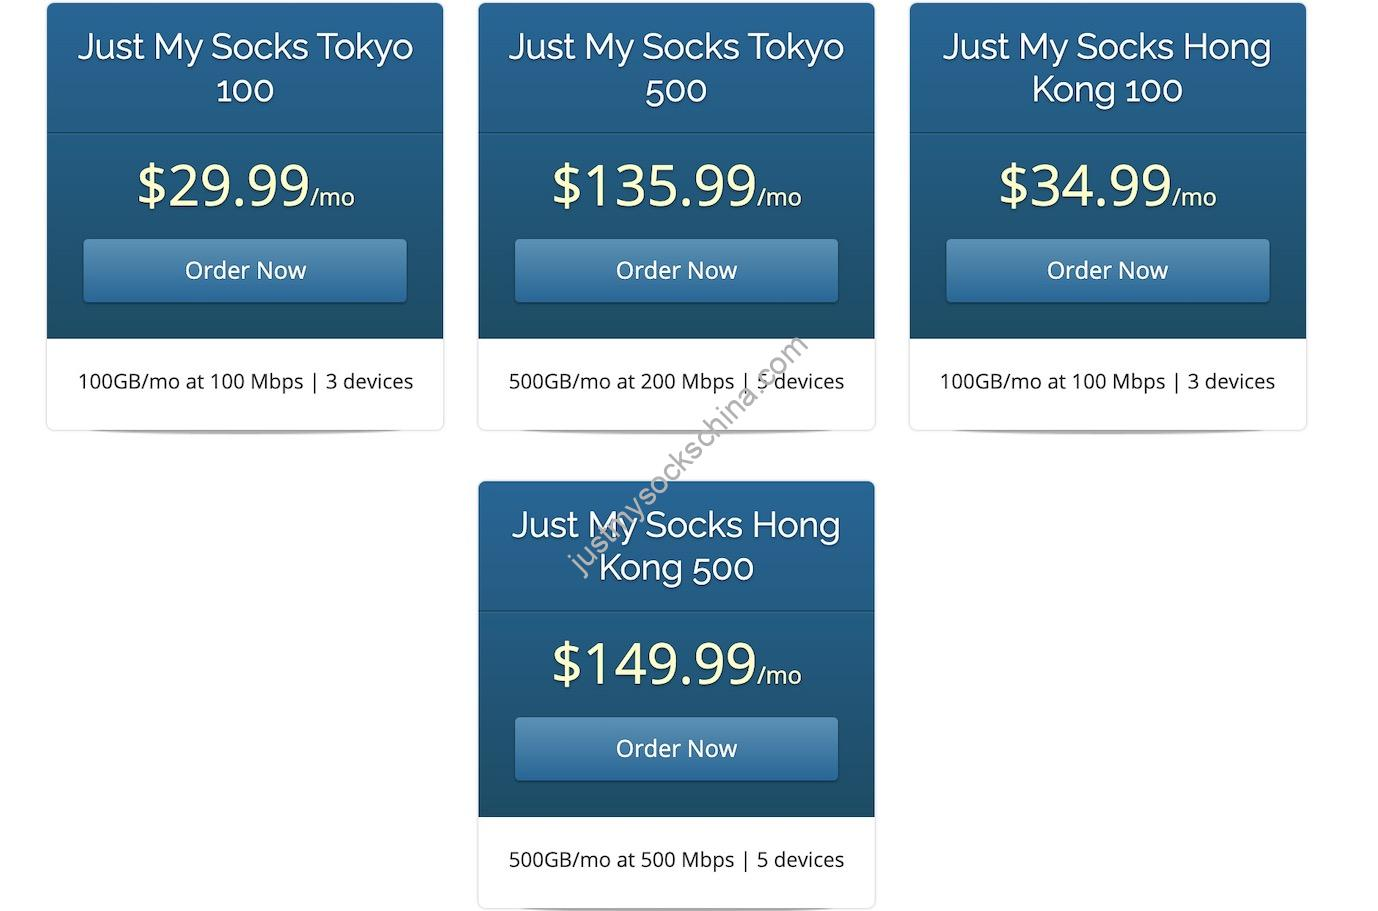 JustMySocks 香港线路